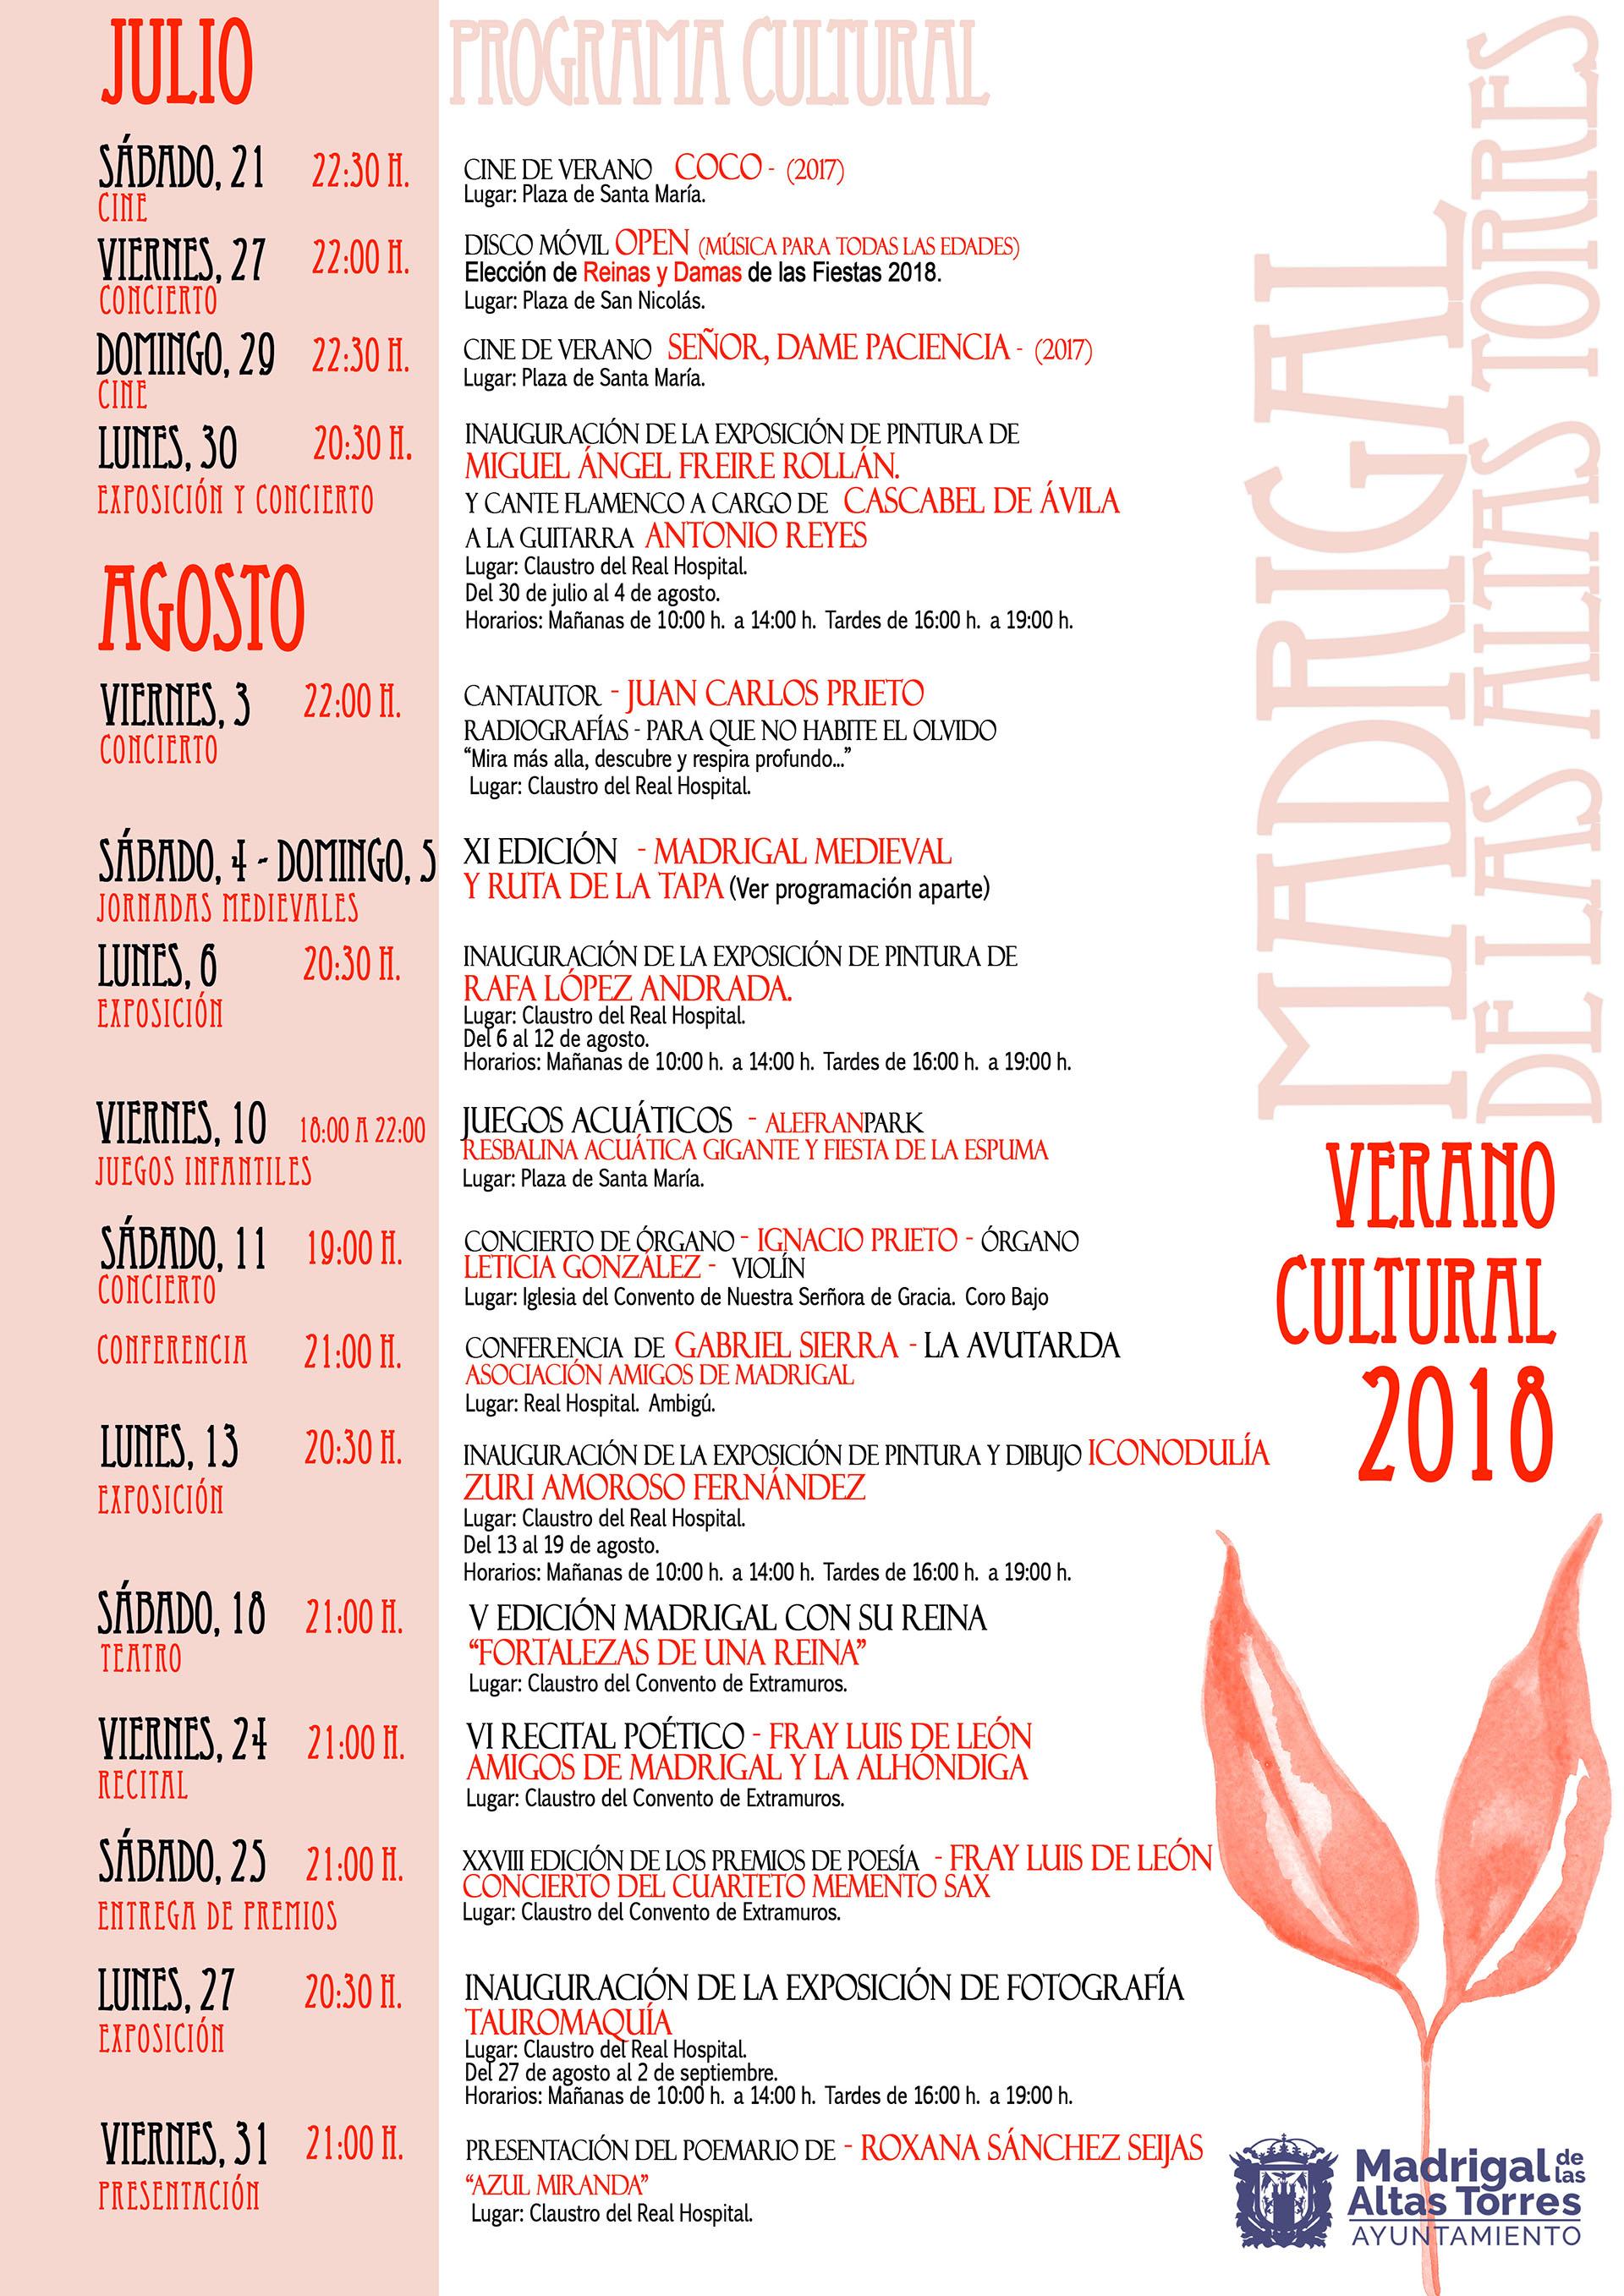 Programa Verano Cultural 2018